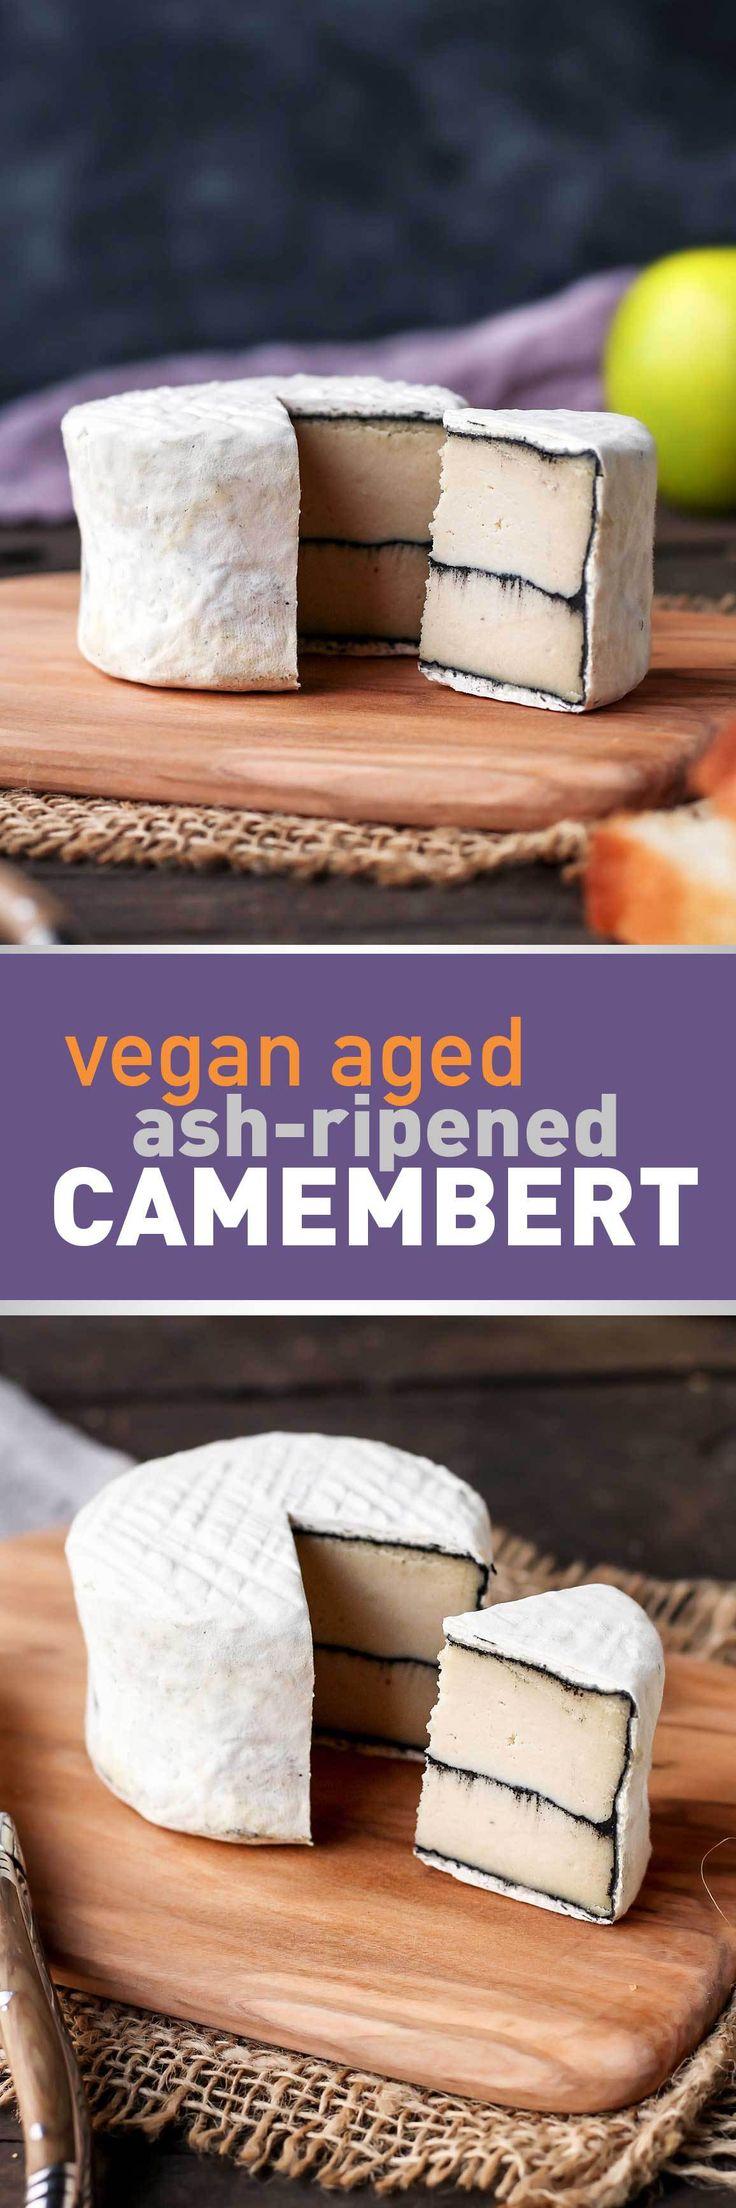 Vegan Ash-Ripened Camembert  ____ Mehr Rezepte die #vegan & #glutenfrei sind findest du unter meinem #Foodblog http://www.foodreich.com/